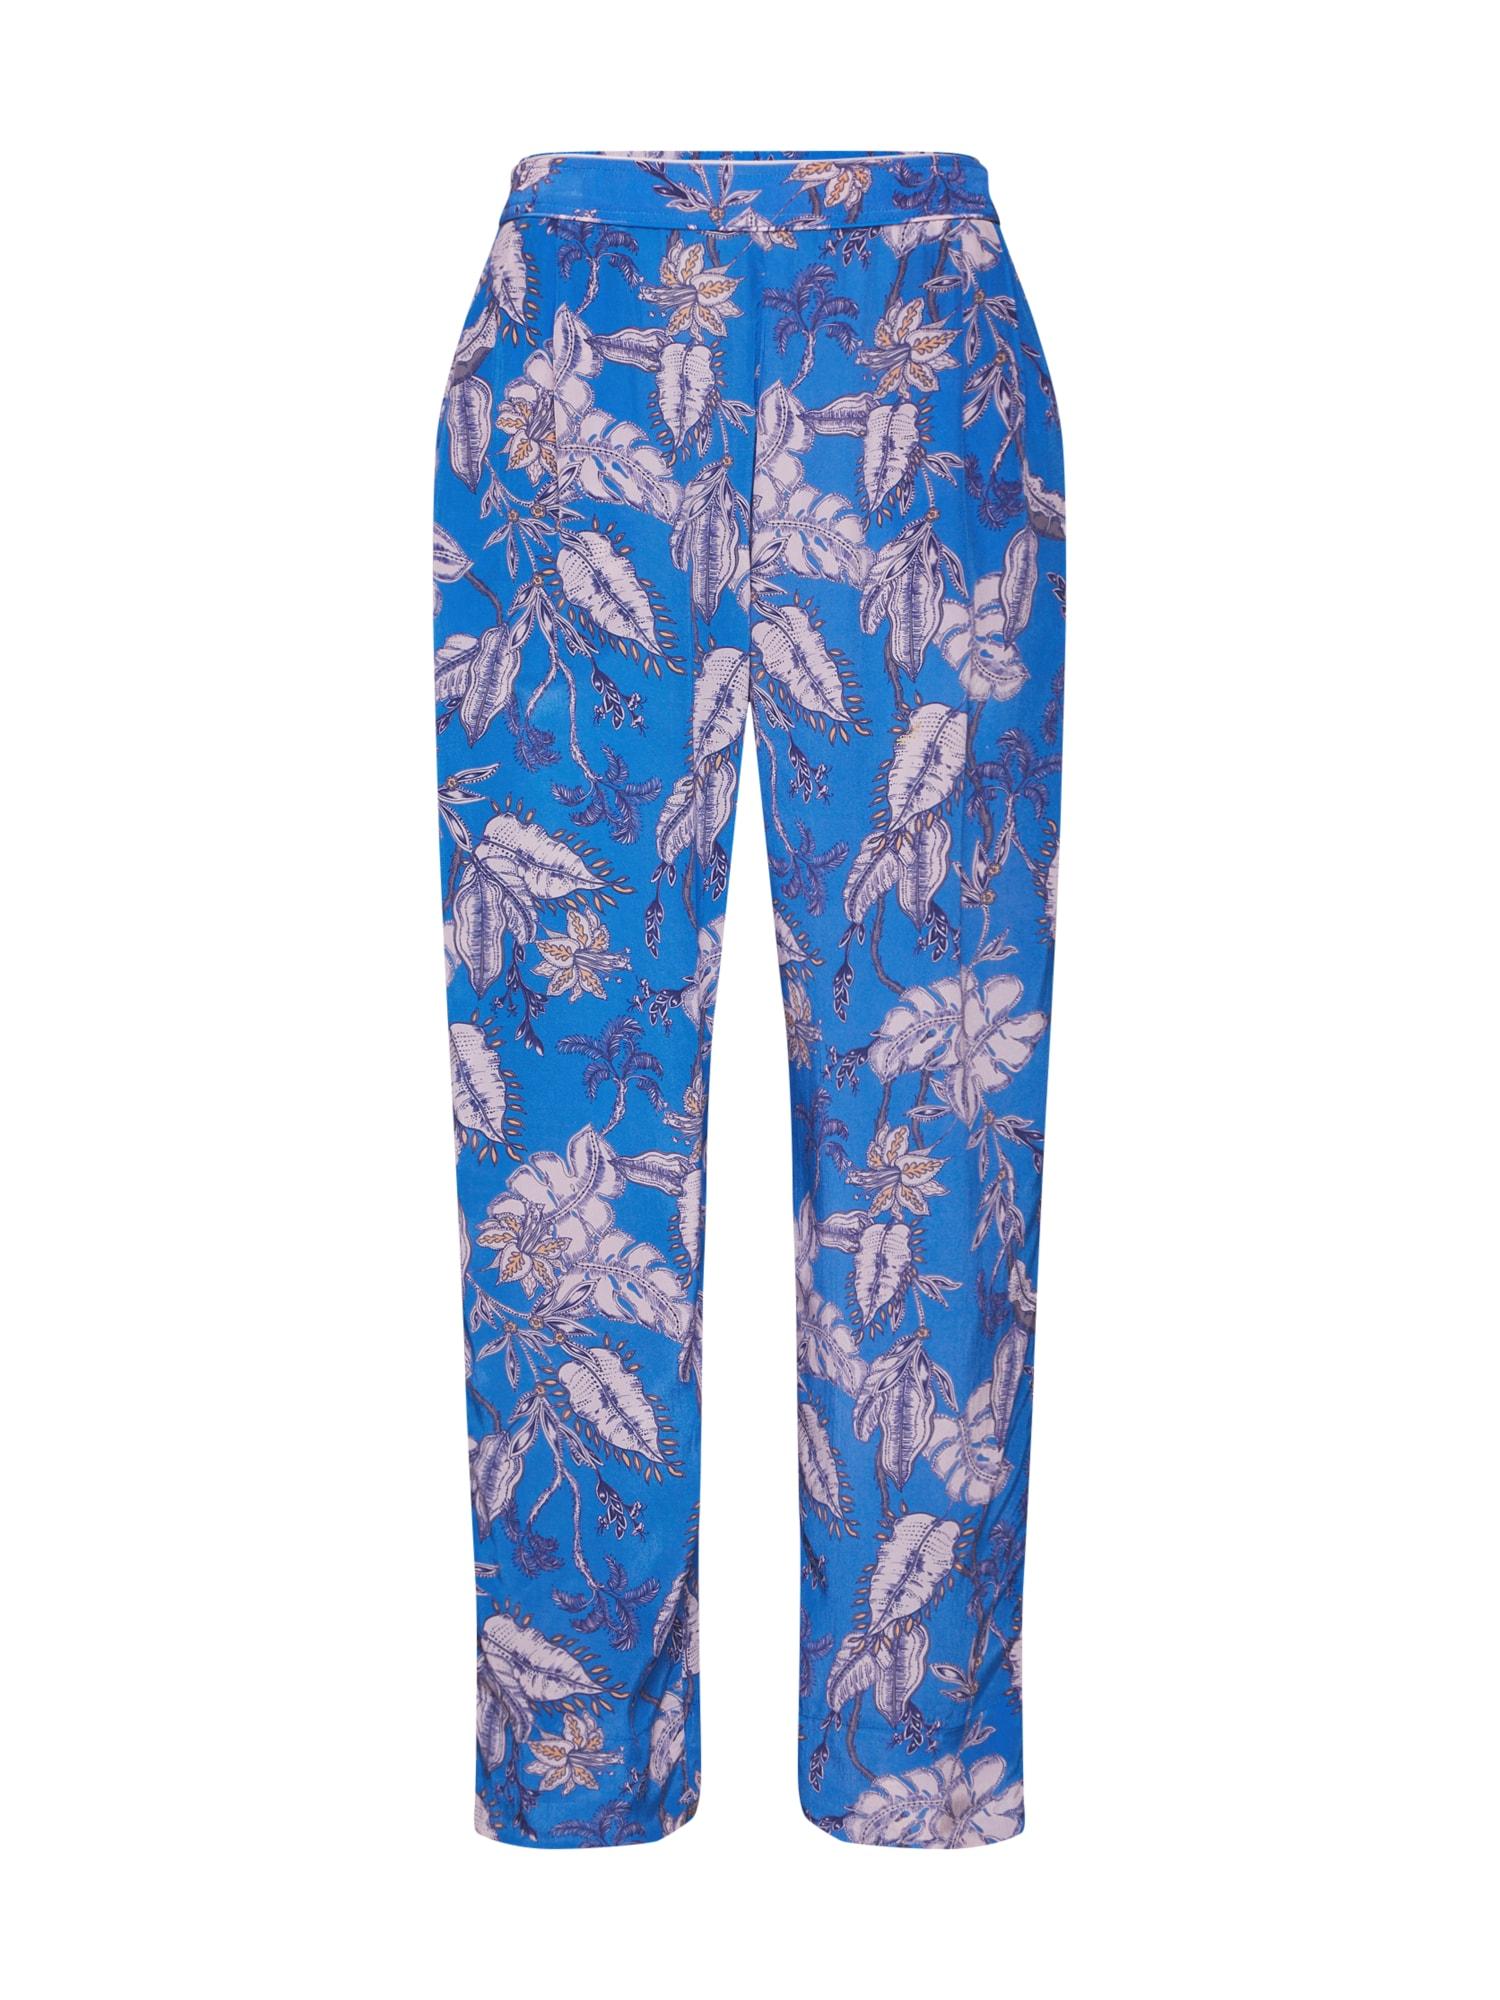 MOS MOSH Klostuotos kelnės 'Elke Vita Pant' šviesiai mėlyna / rožinė